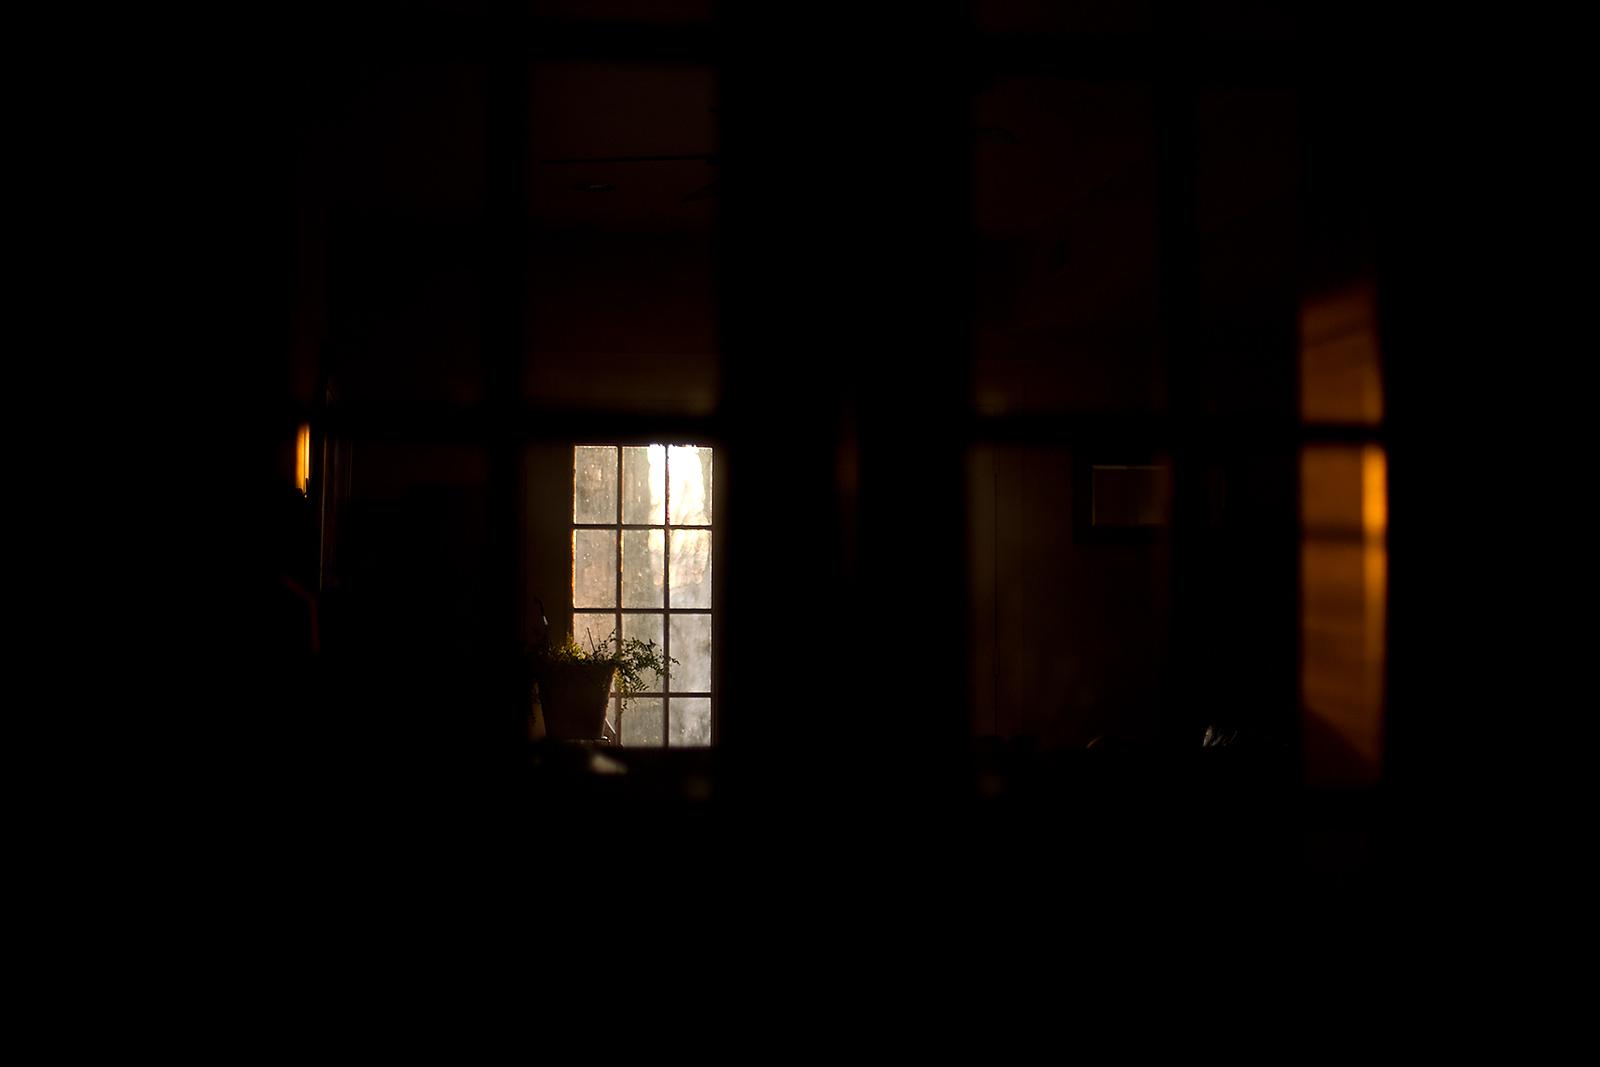 Підвал, золота година, західне вікно